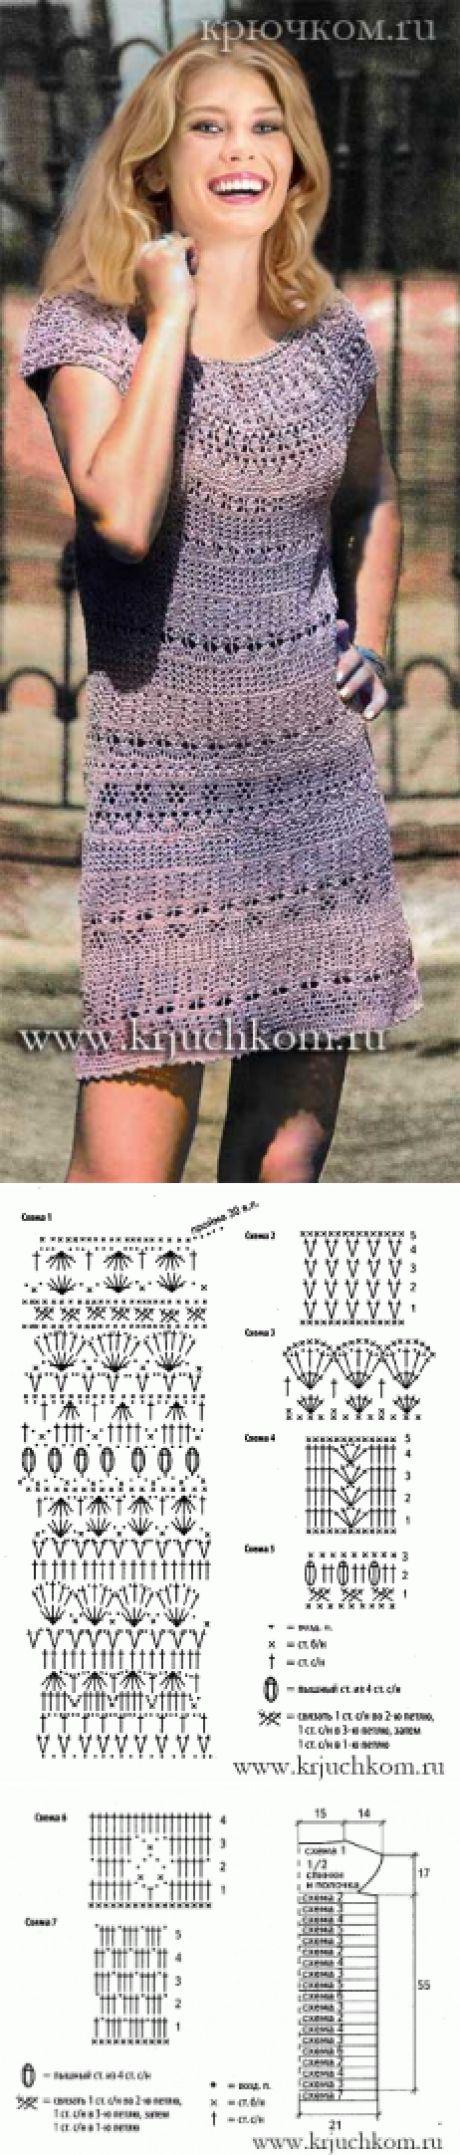 Модная модель вязаного платья 2016-2017 описание и схемы вязания крючком